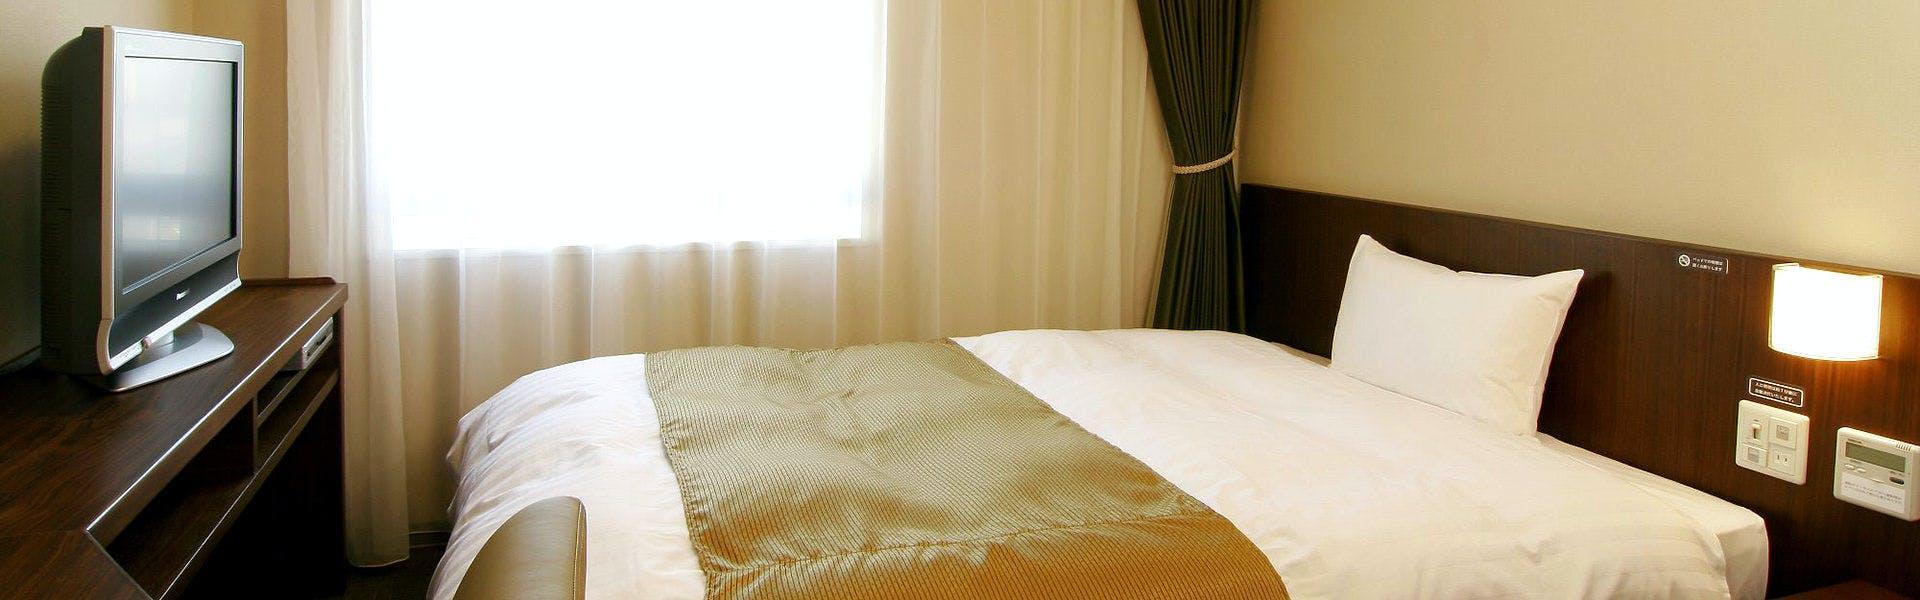 記念日におすすめのホテル・天然温泉 六花の湯 ドーミーイン熊本の写真2